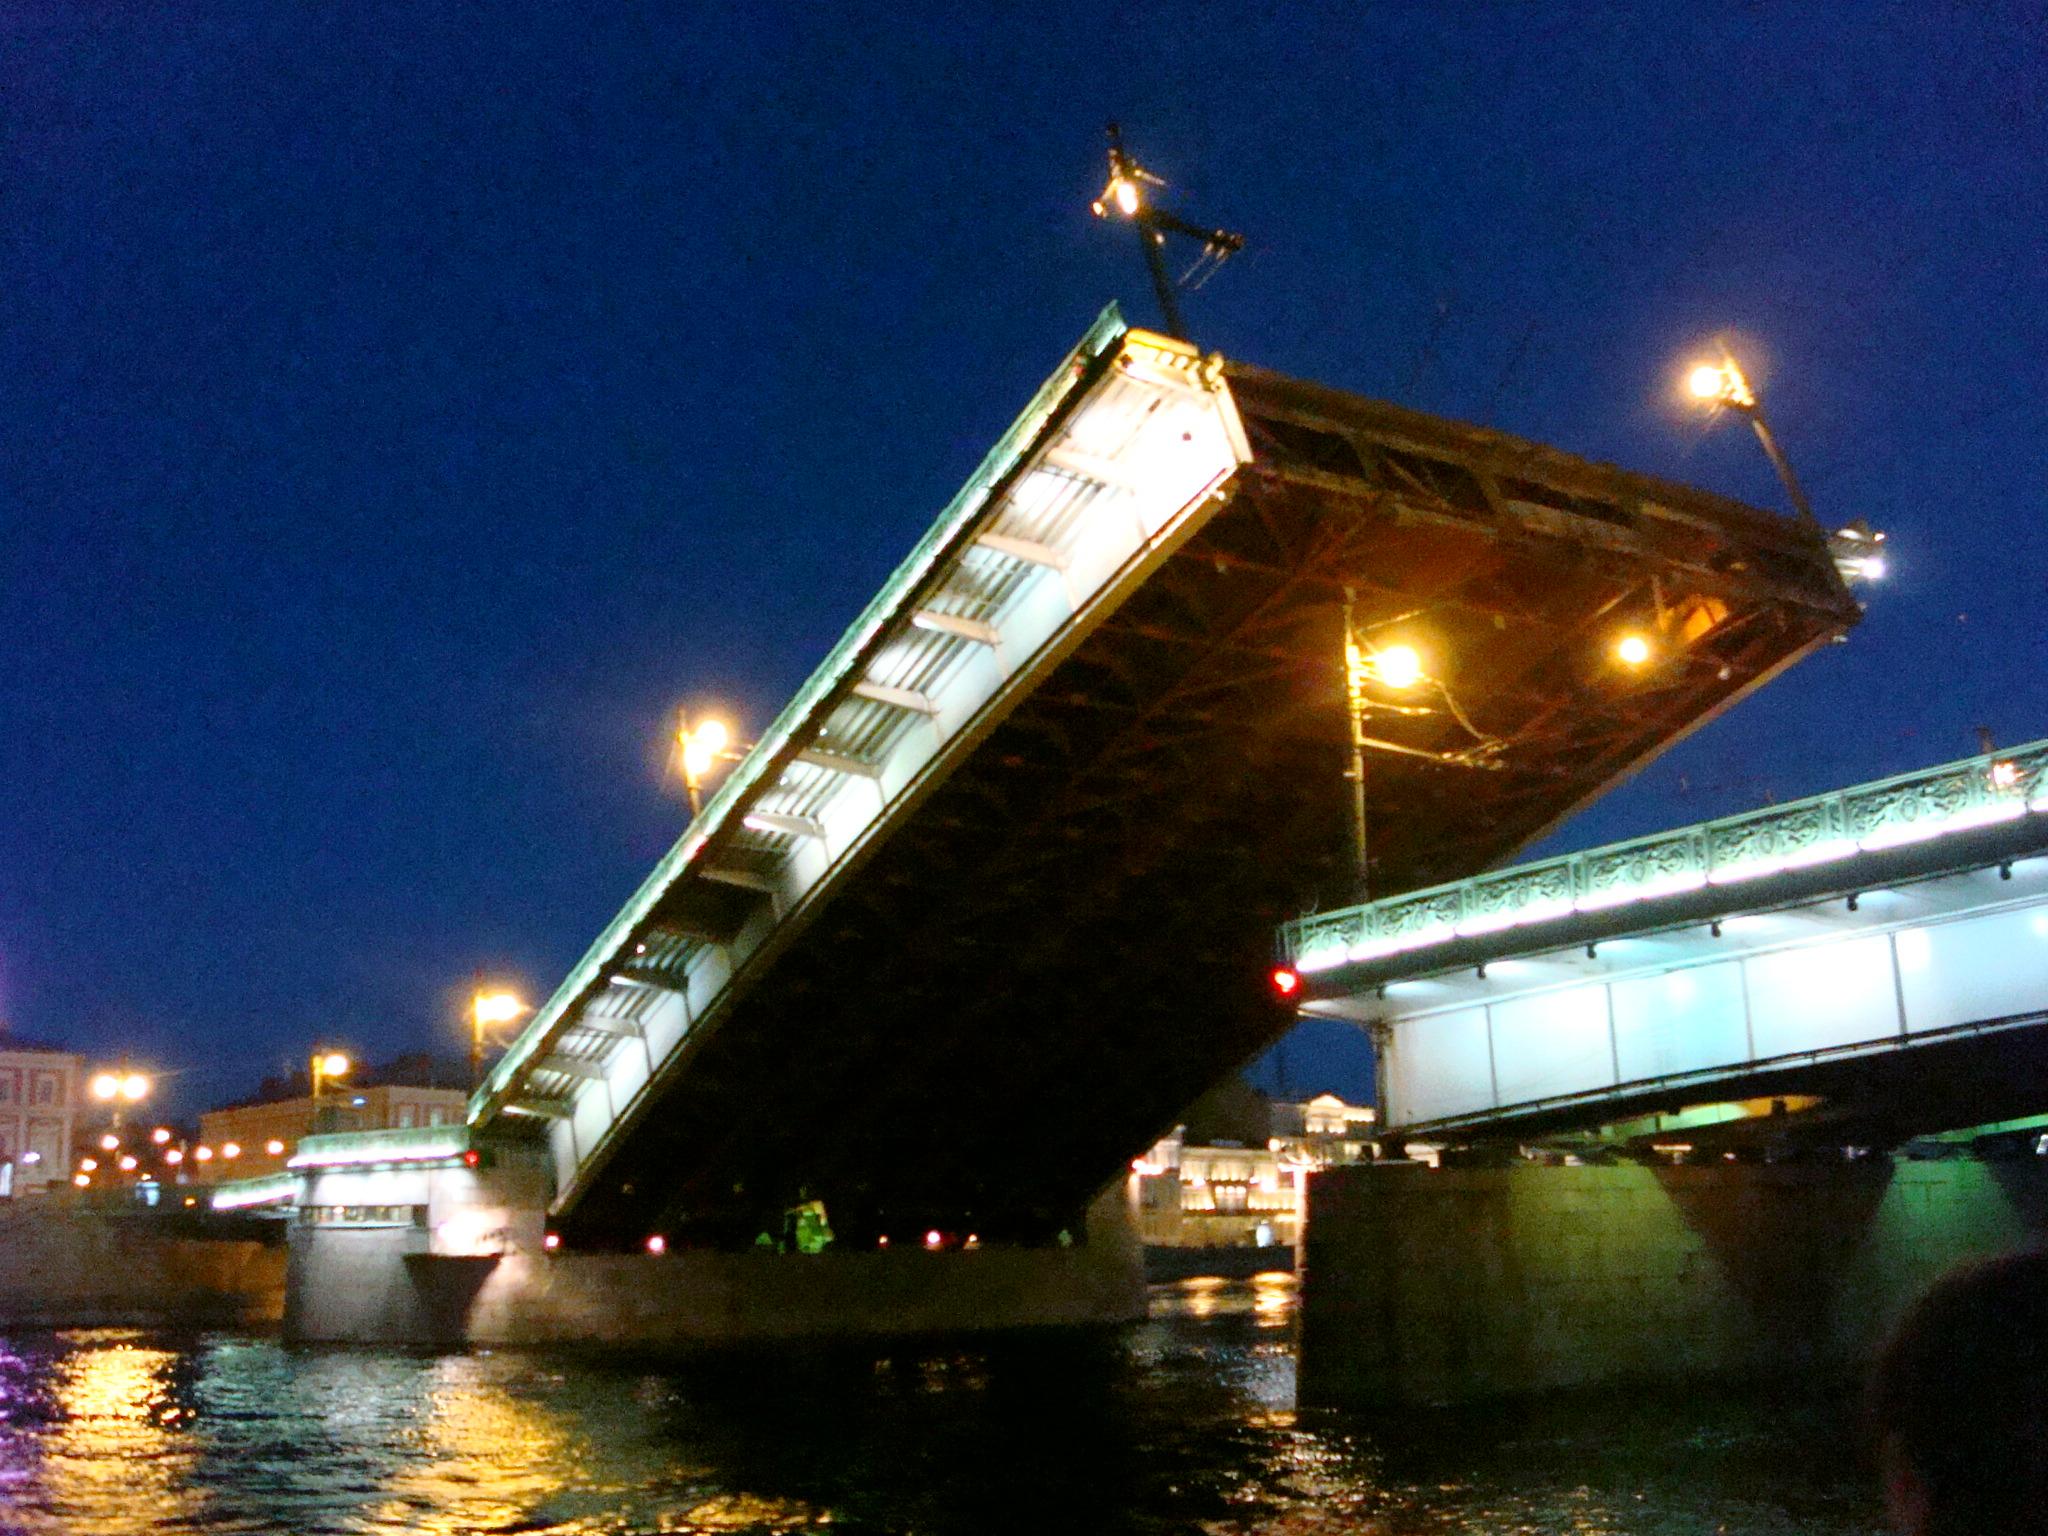 разводка литейного моста спб цены предложения отелей